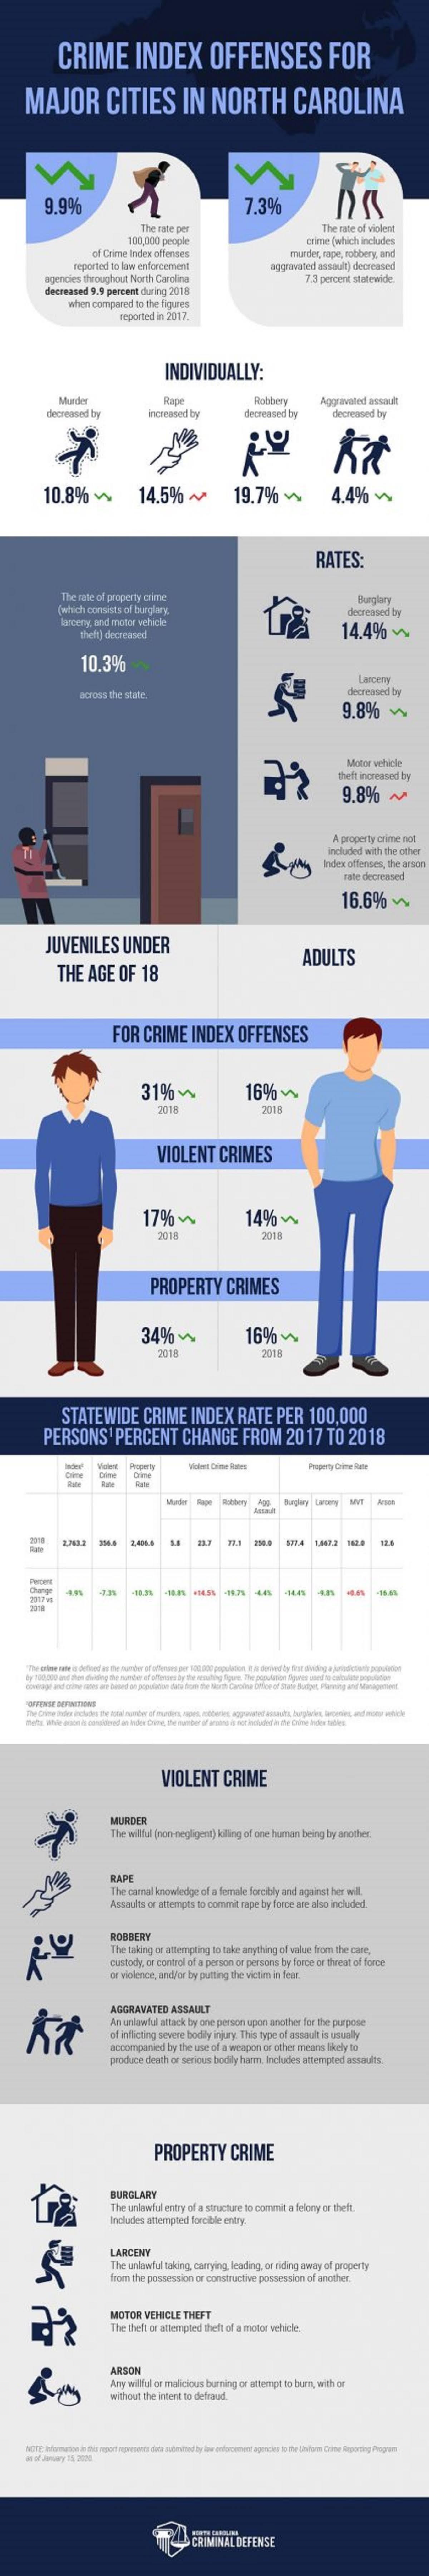 crime-statistics-of-north-carolinas-biggest-cities-infographic